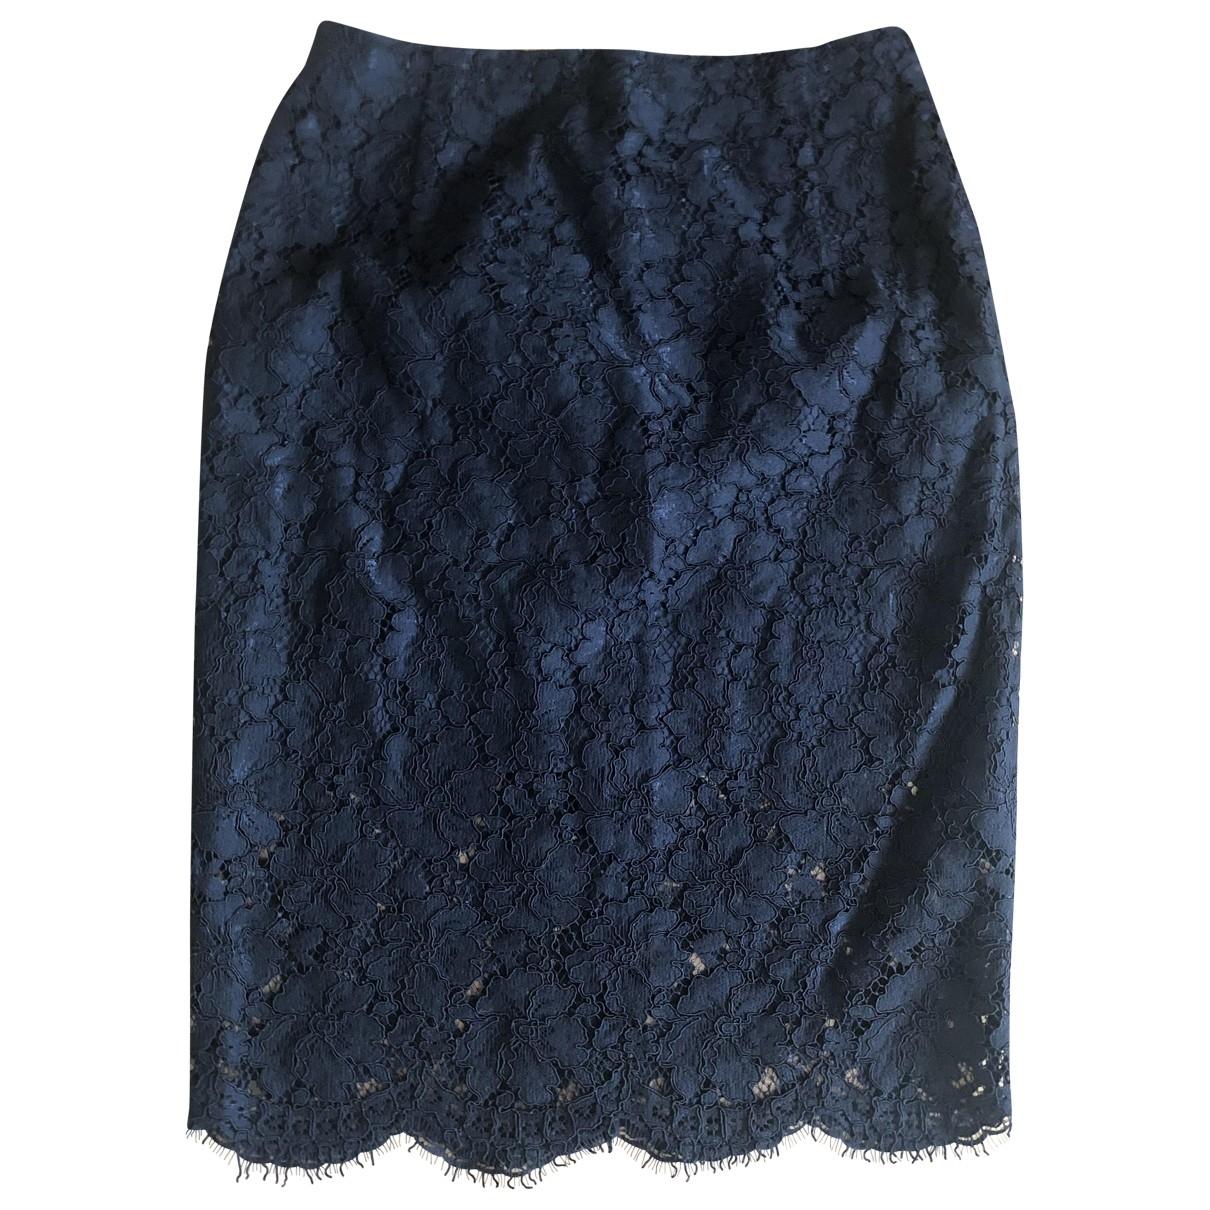 Sandro Fall Winter 2019 Black skirt for Women 36 FR